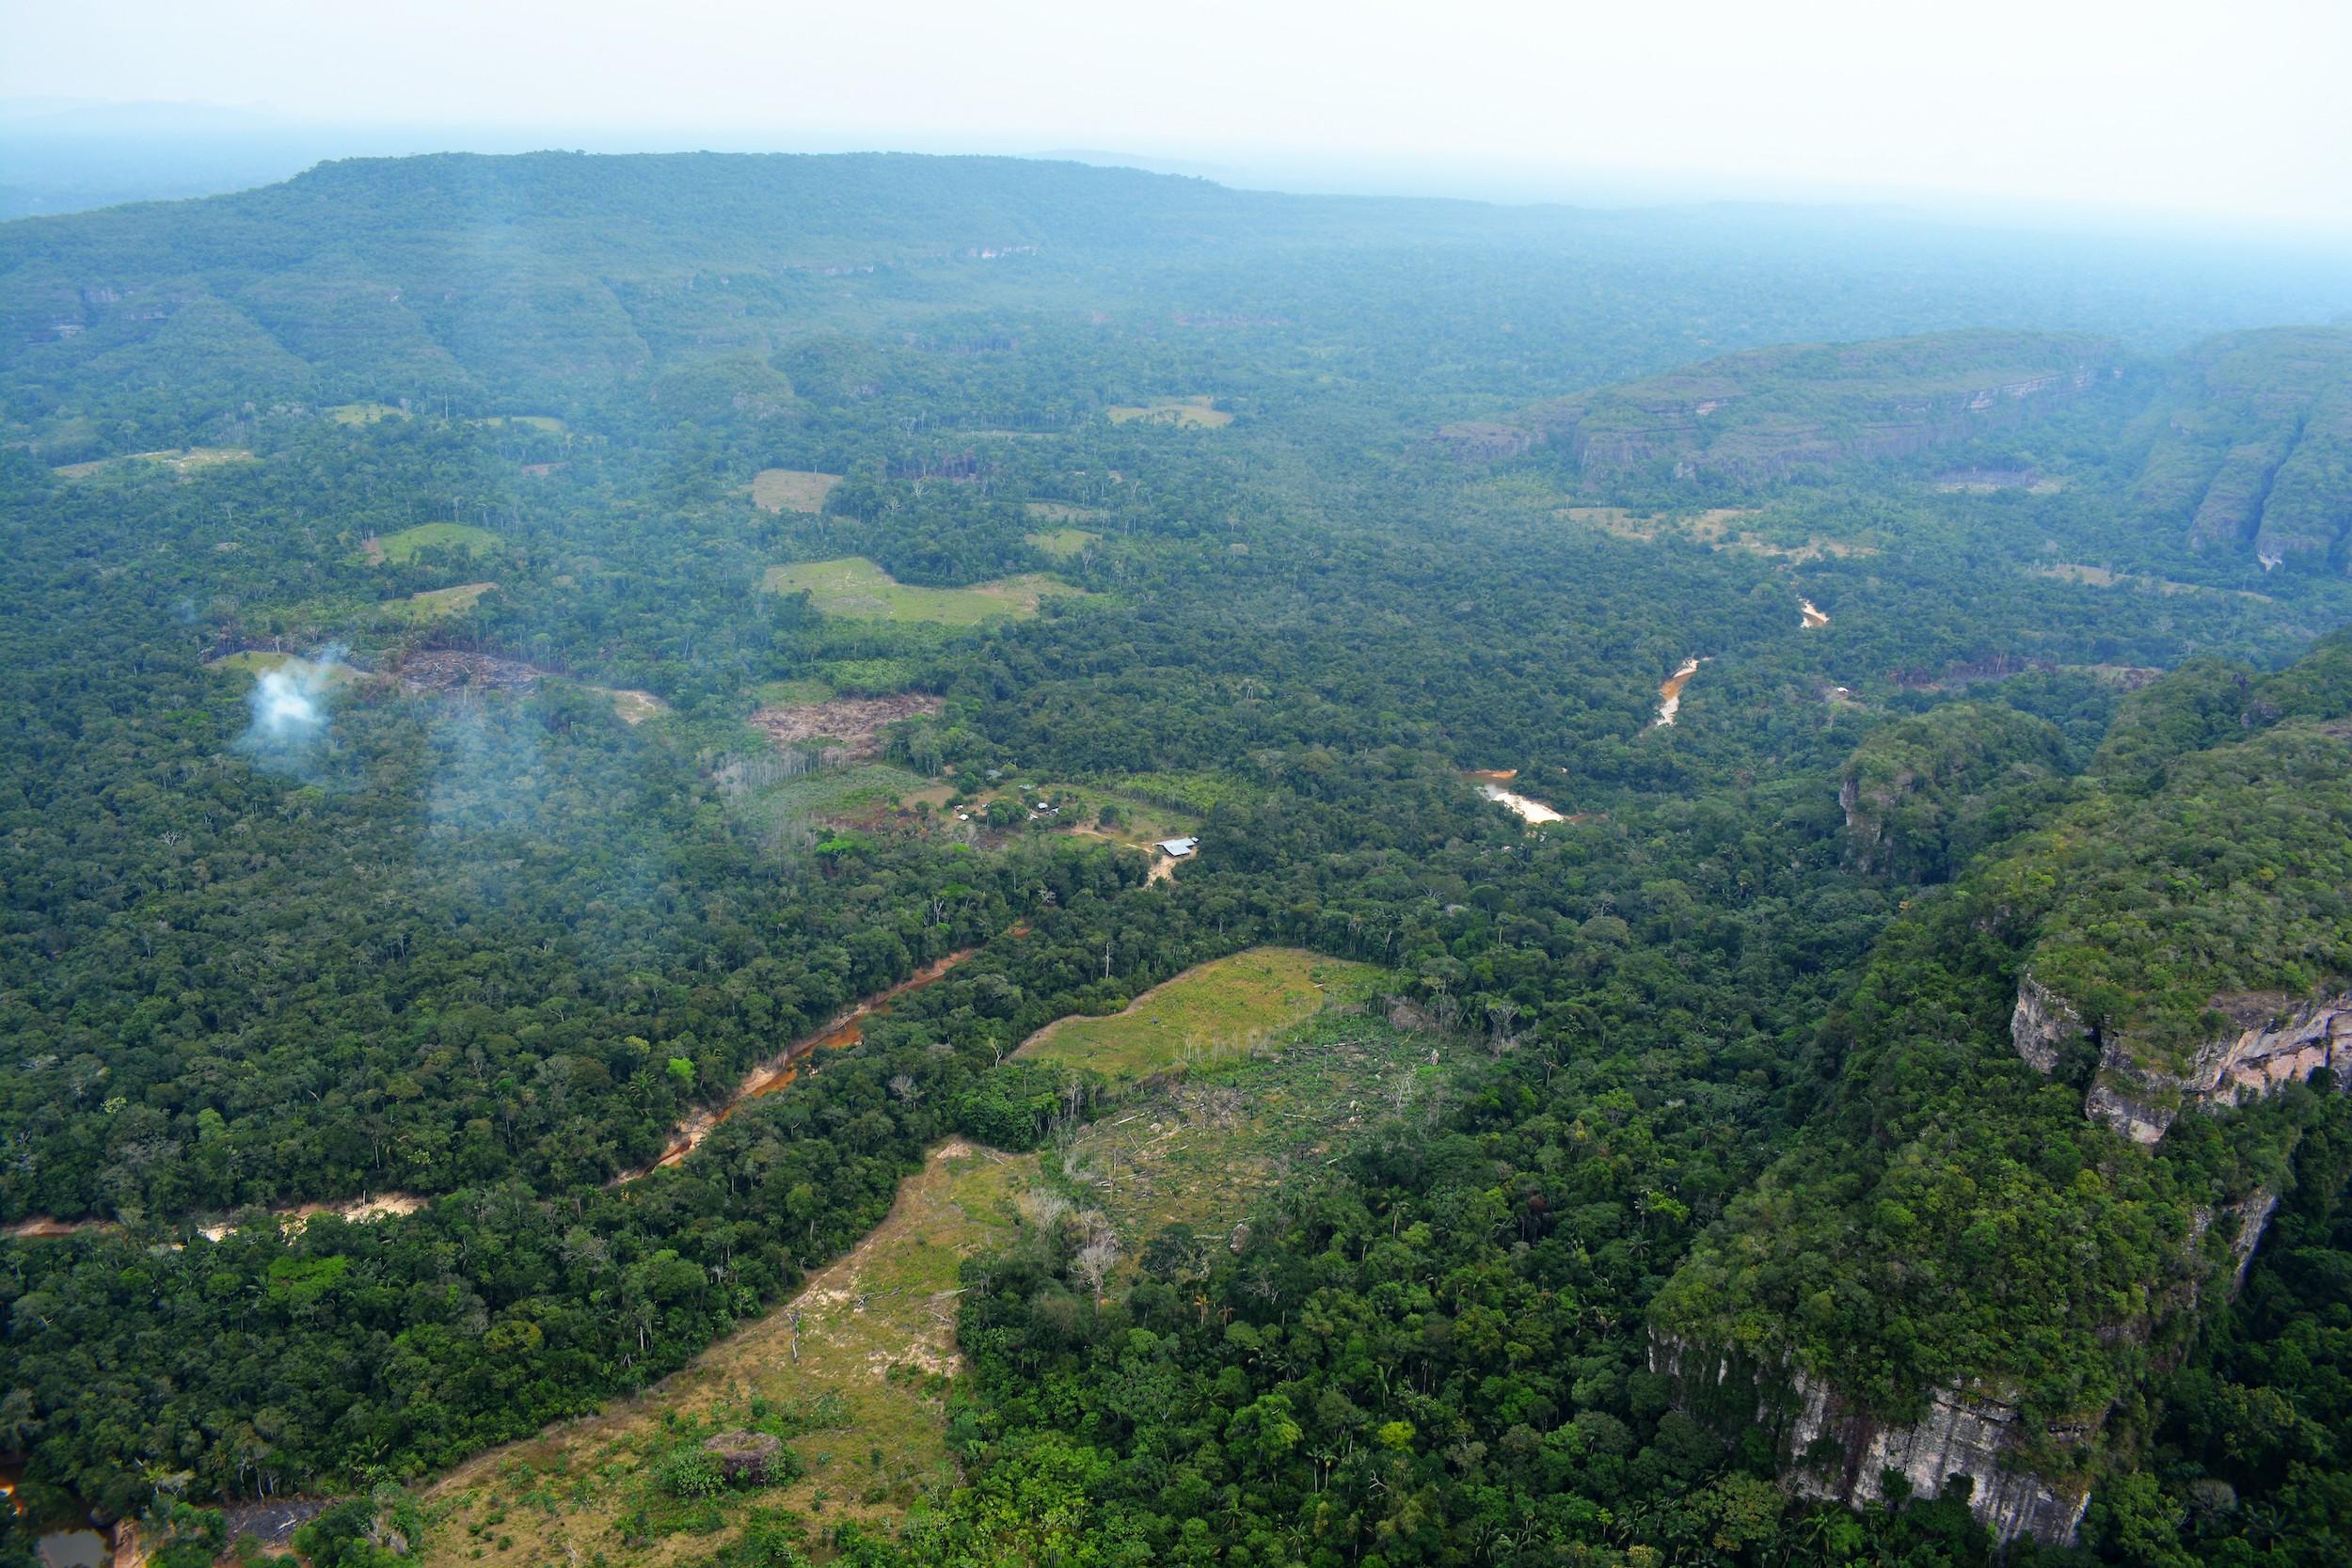 Incendios dentro de la Reserva Nacional Natural Nukak para ir creando lotes para monocultivos y ganadería. El resguardo indígena se superpone a parte de esta área protegida. Foto: Fundación para la Conservación y el Desarrollo Sostenible (FCDS).